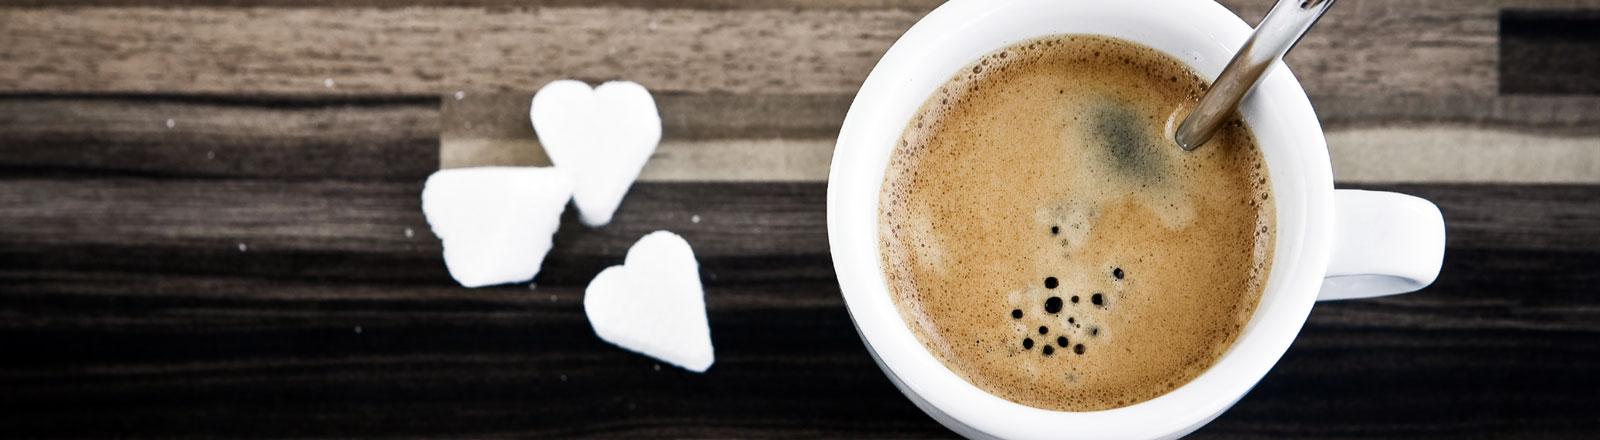 Eine Espressotasse mit Kaffe und drei Stück Würfelzucker in Form von Herzen.